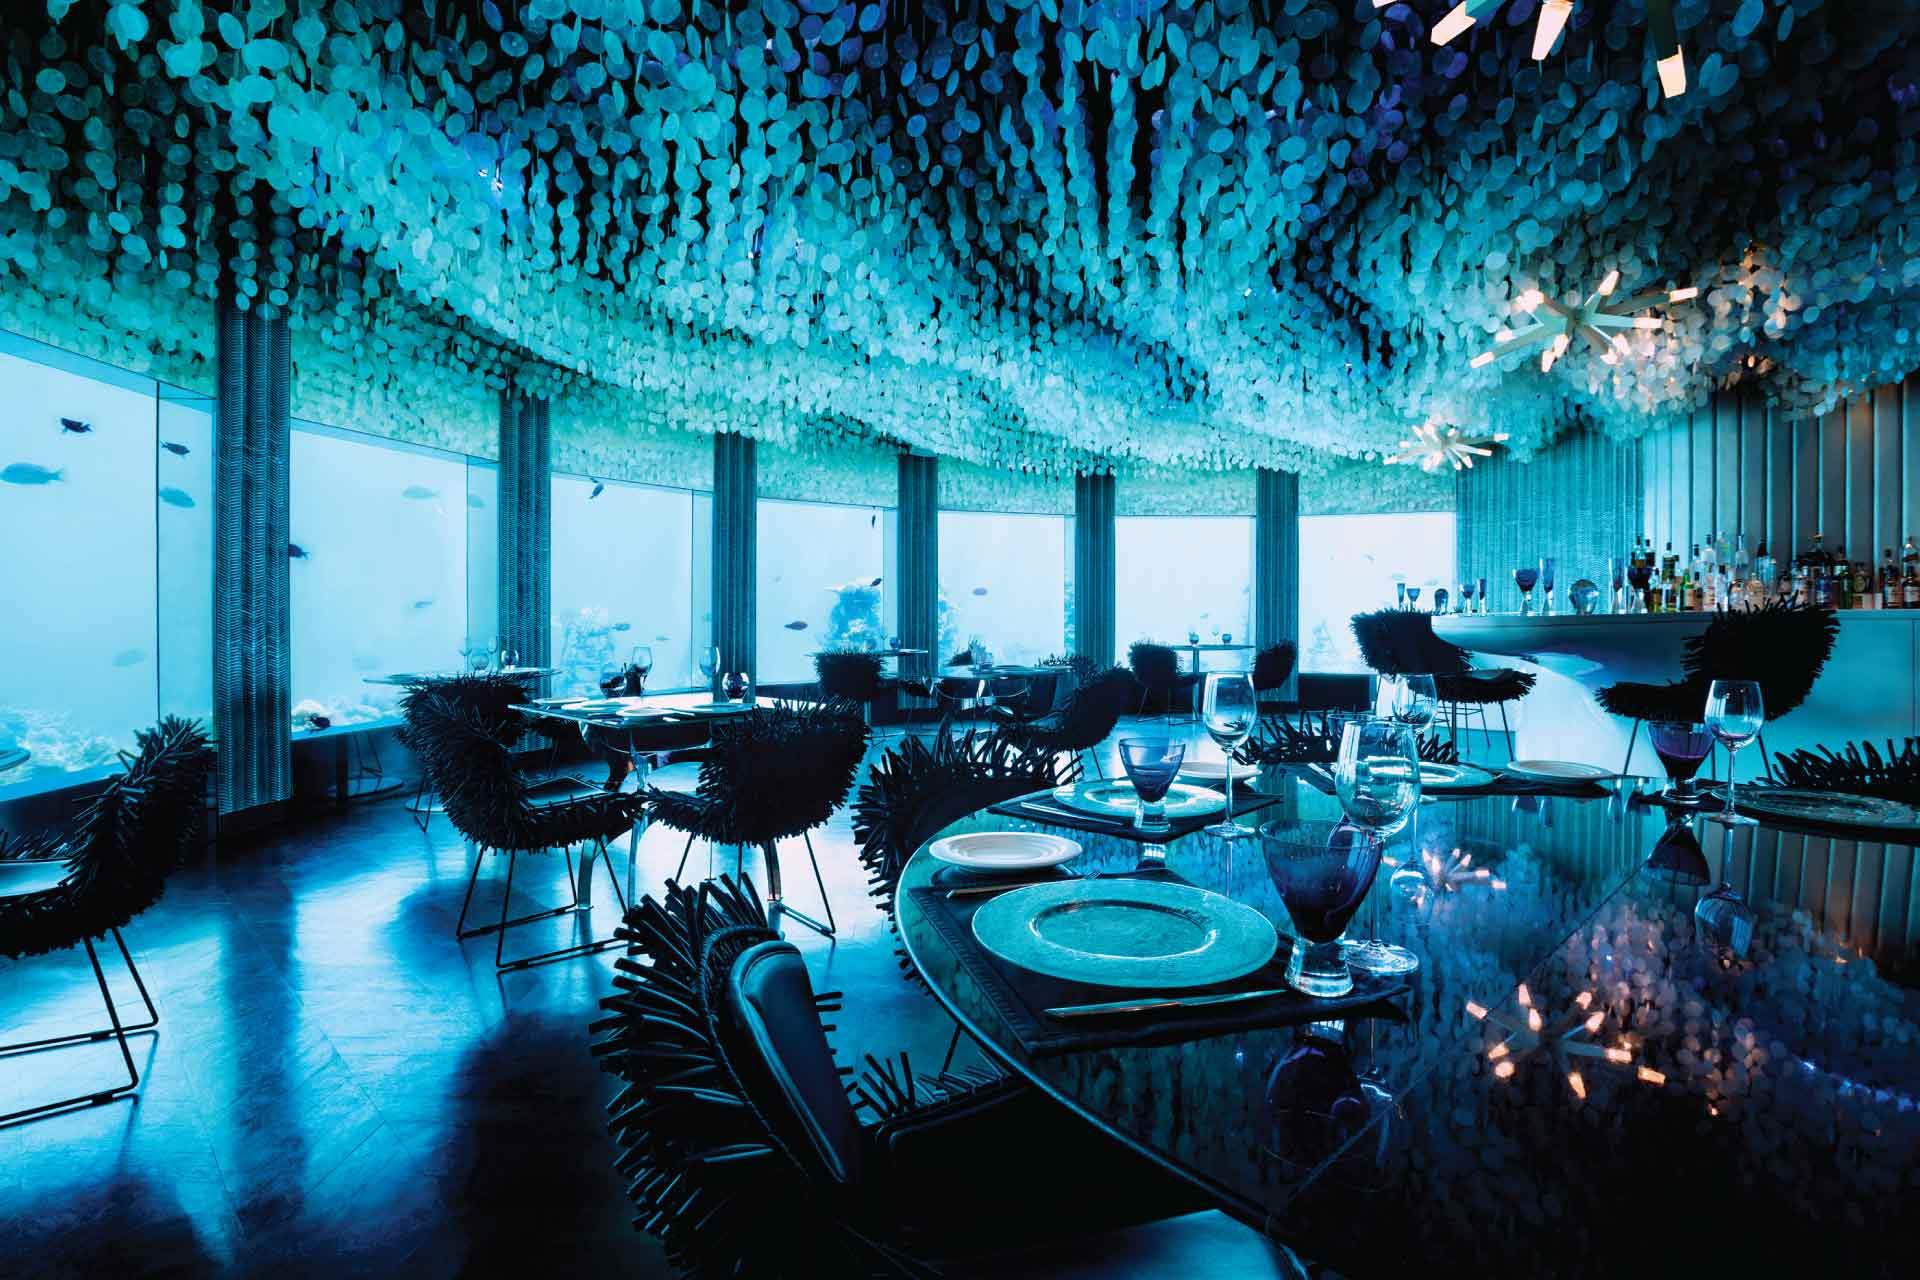 غرف فنادق مذهلة تحت الماء 29